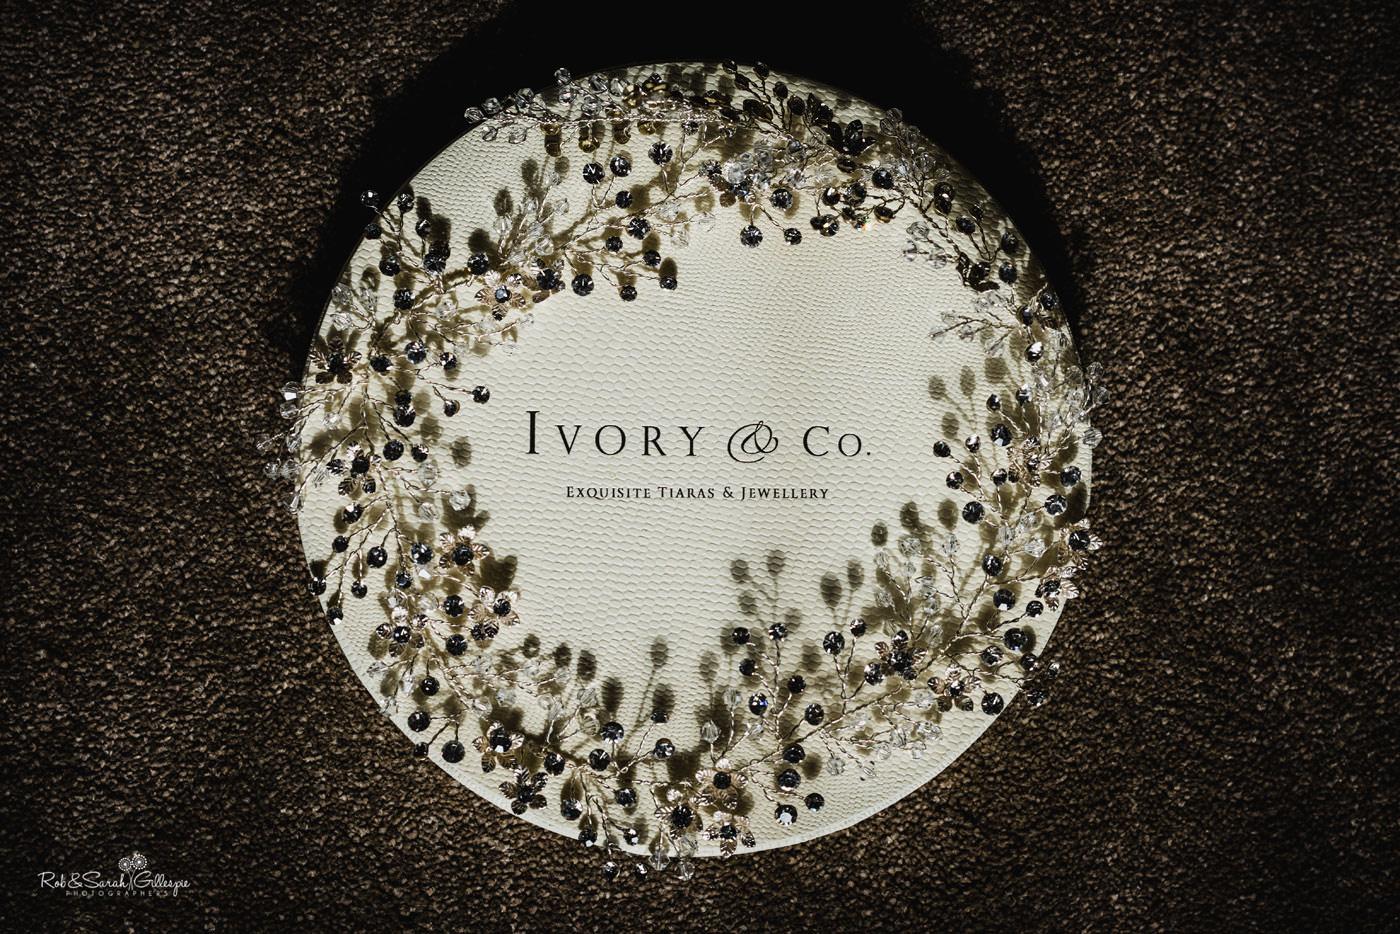 Close-up of Ivory & Co bridal tiara